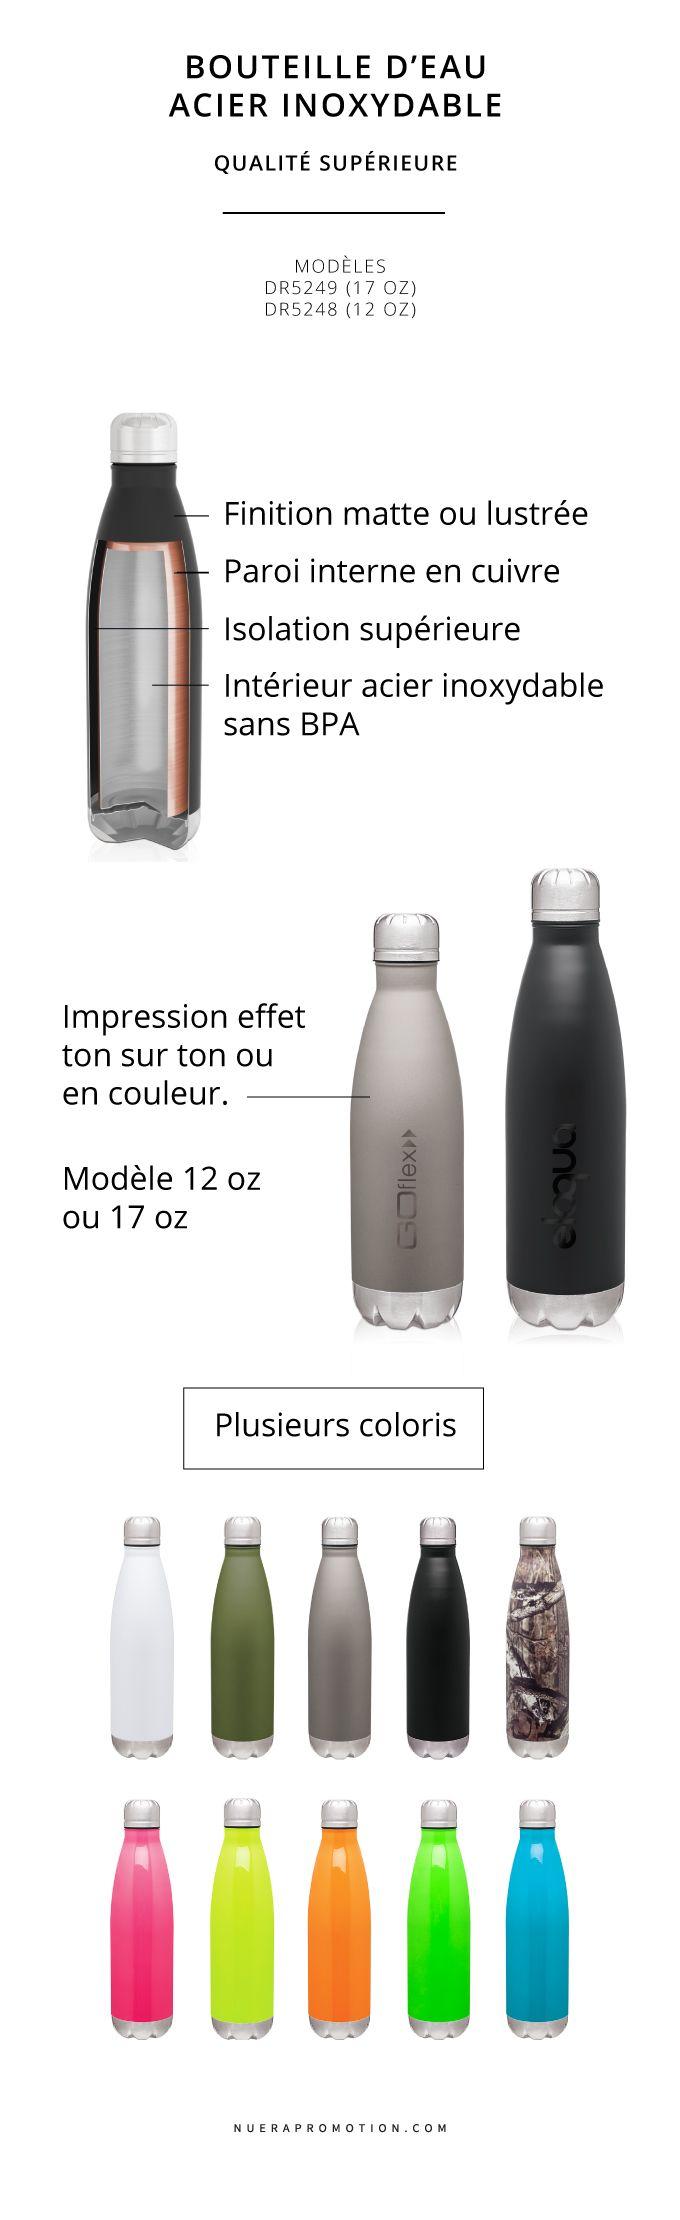 Créez une campagne promotionnelle à votre image en utilisant une bouteille d'eau promotionnelle réutilisable afin d'y promouvoir la santé au travail et renforcer l'importance de l'hydratation auprès de vos employés. La bouteille d'eau réutilisable plus haut de gamme est également une belle idée cadeau d'appréciation à remettre à vos clients.